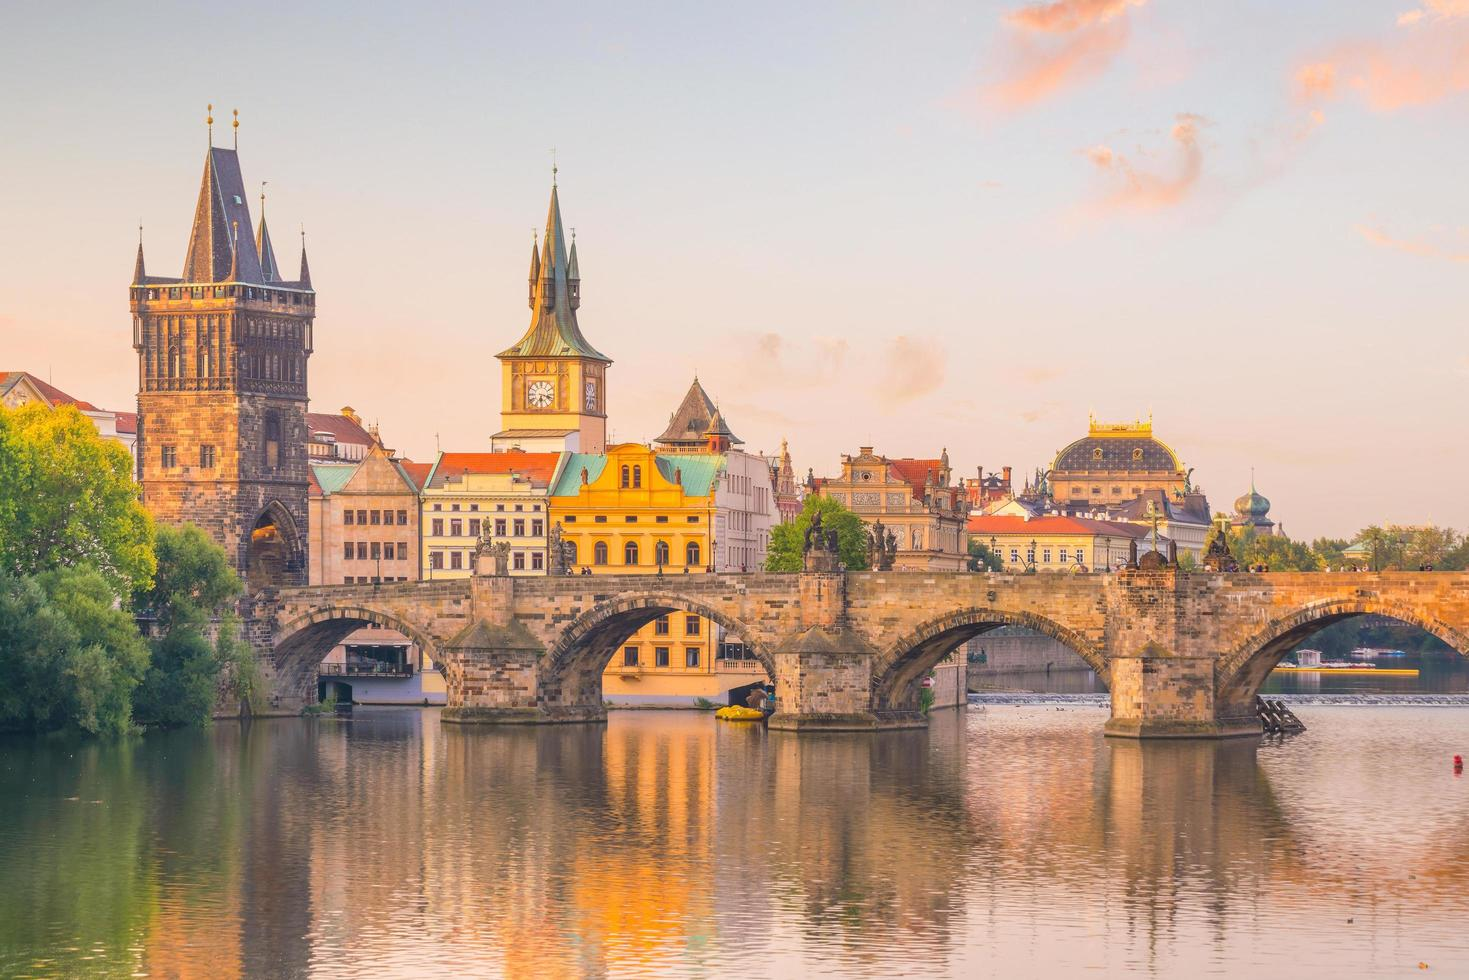 berühmtes ikonisches Bild von Charles Bridge und der Prager Skyline foto